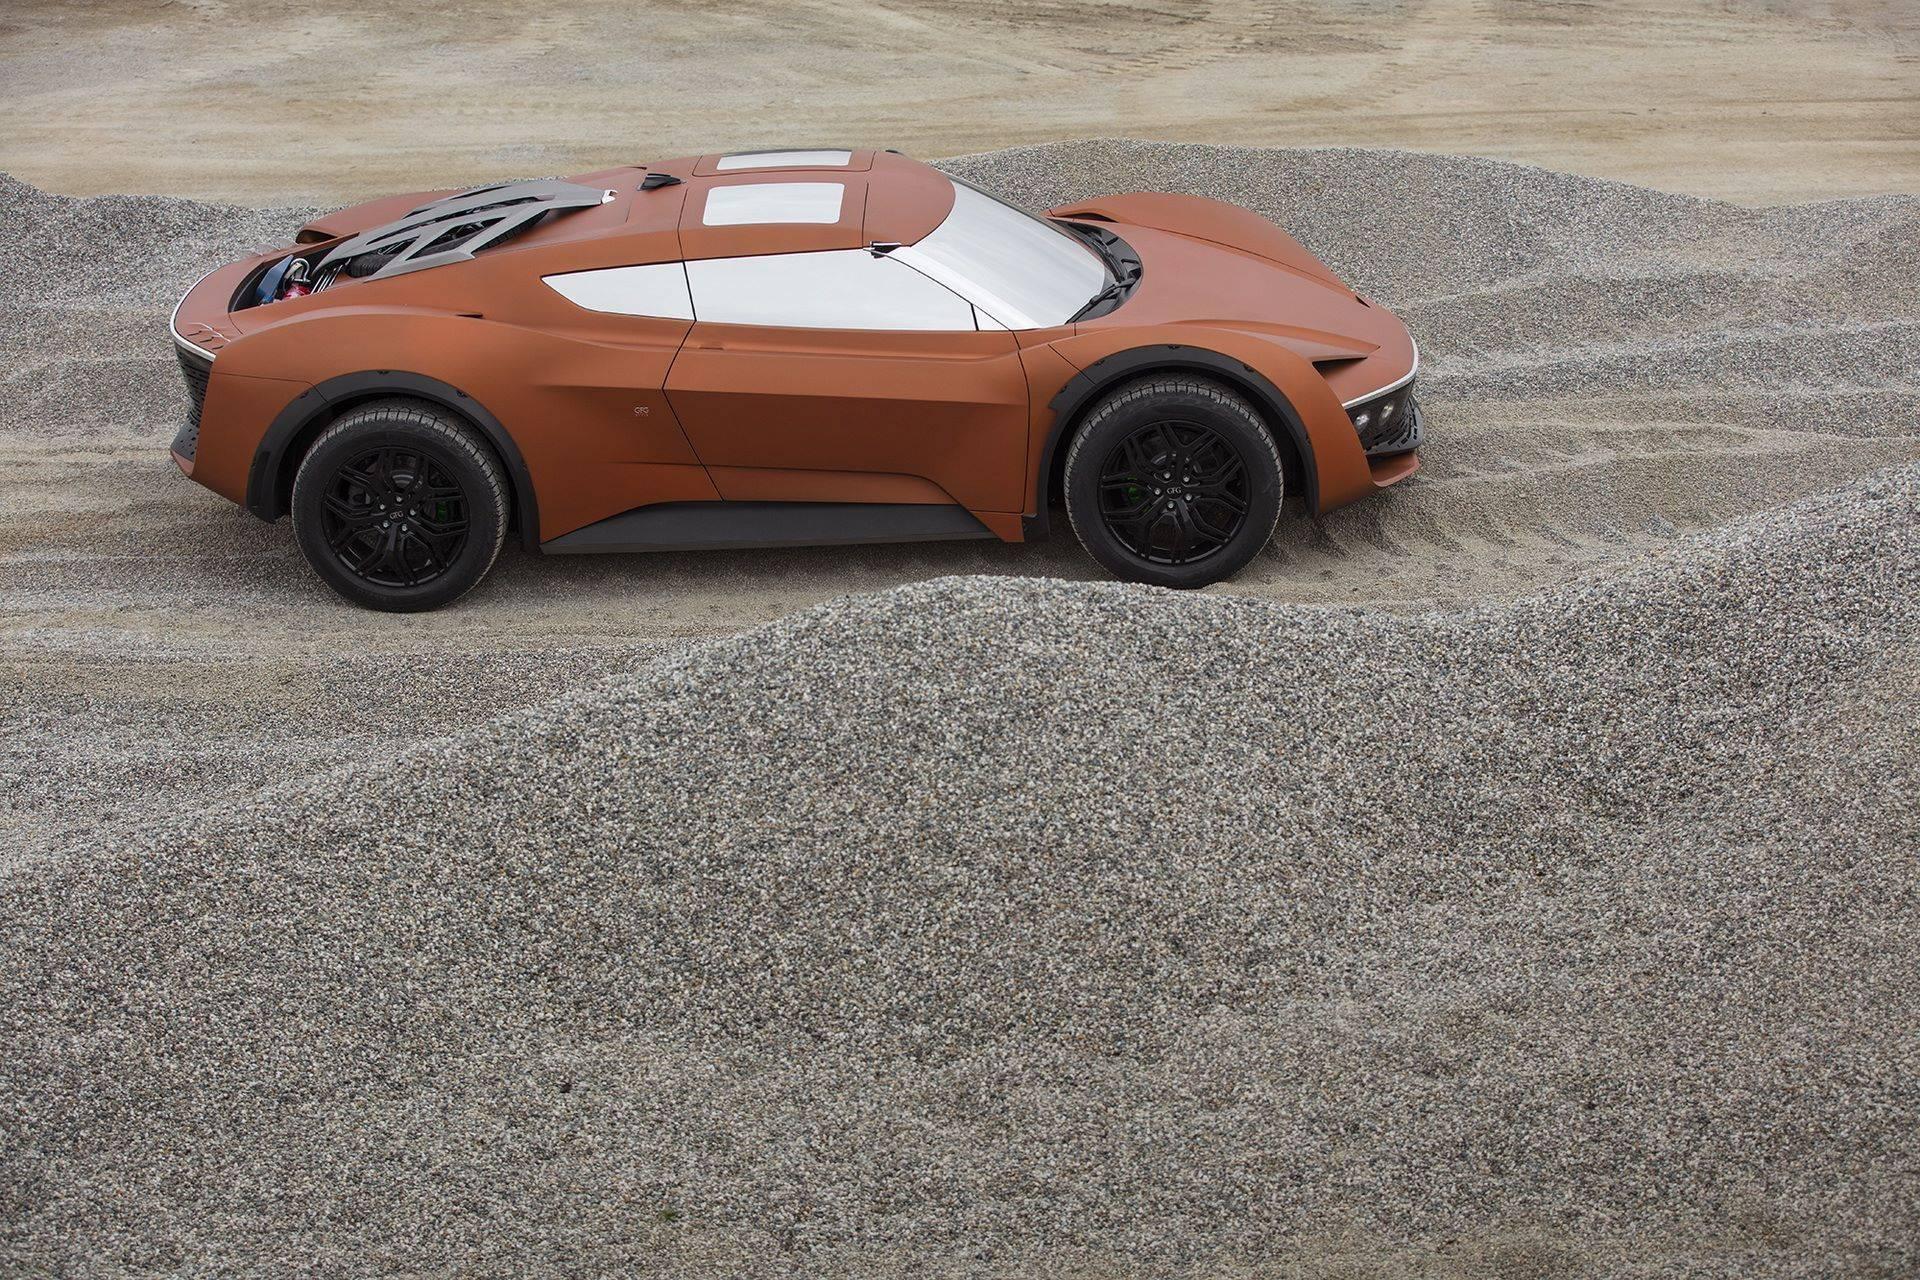 gfg-style-vision-2030-desert-raid-3